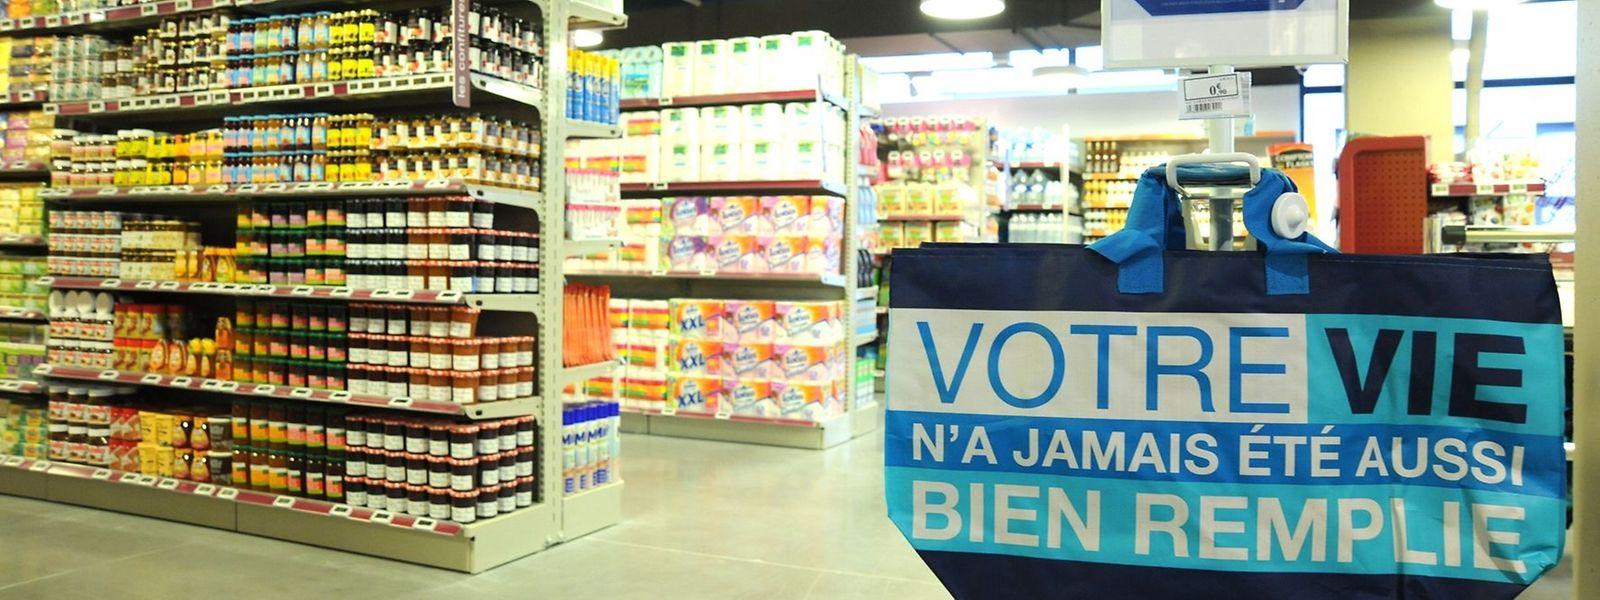 Le premier supermarché Monoprix du pays a ouvert en 2014, rue du Fort Bourbon déjà à Luxembourg.